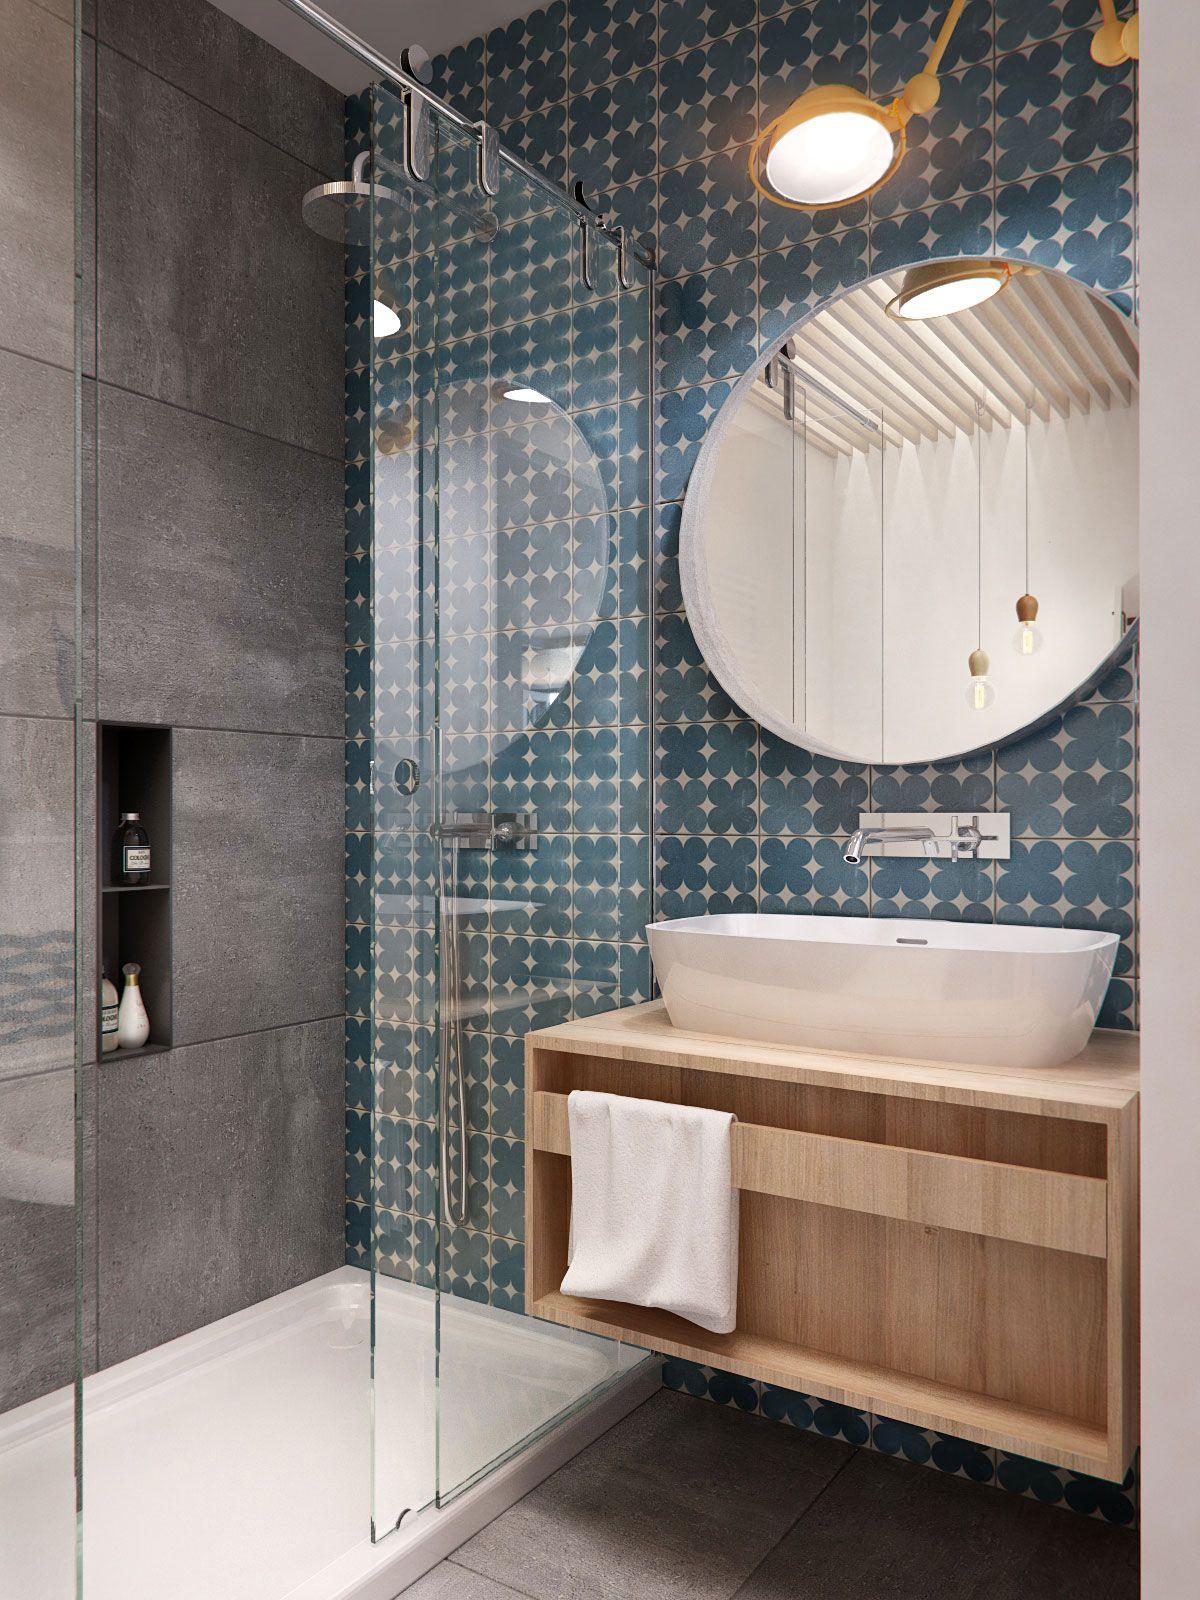 petite salle de bain design 2015 - Recherche Google | Salle de bains ...